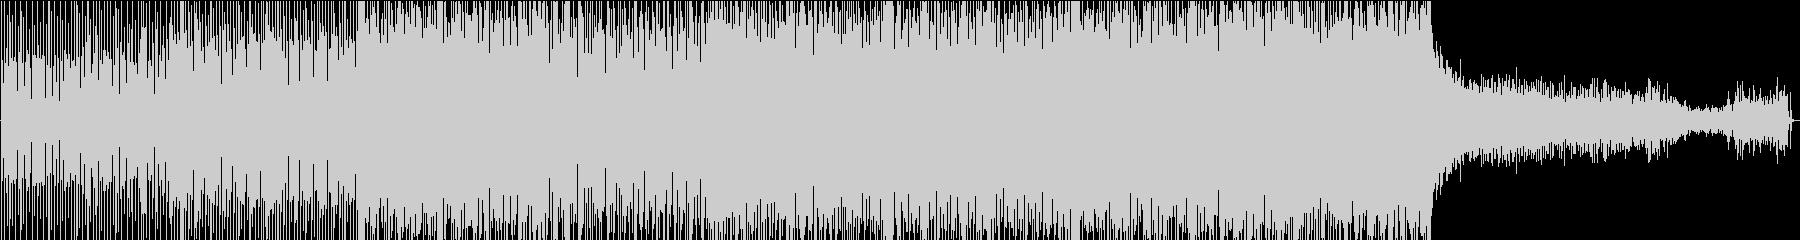 メロディックトランスハウスの未再生の波形